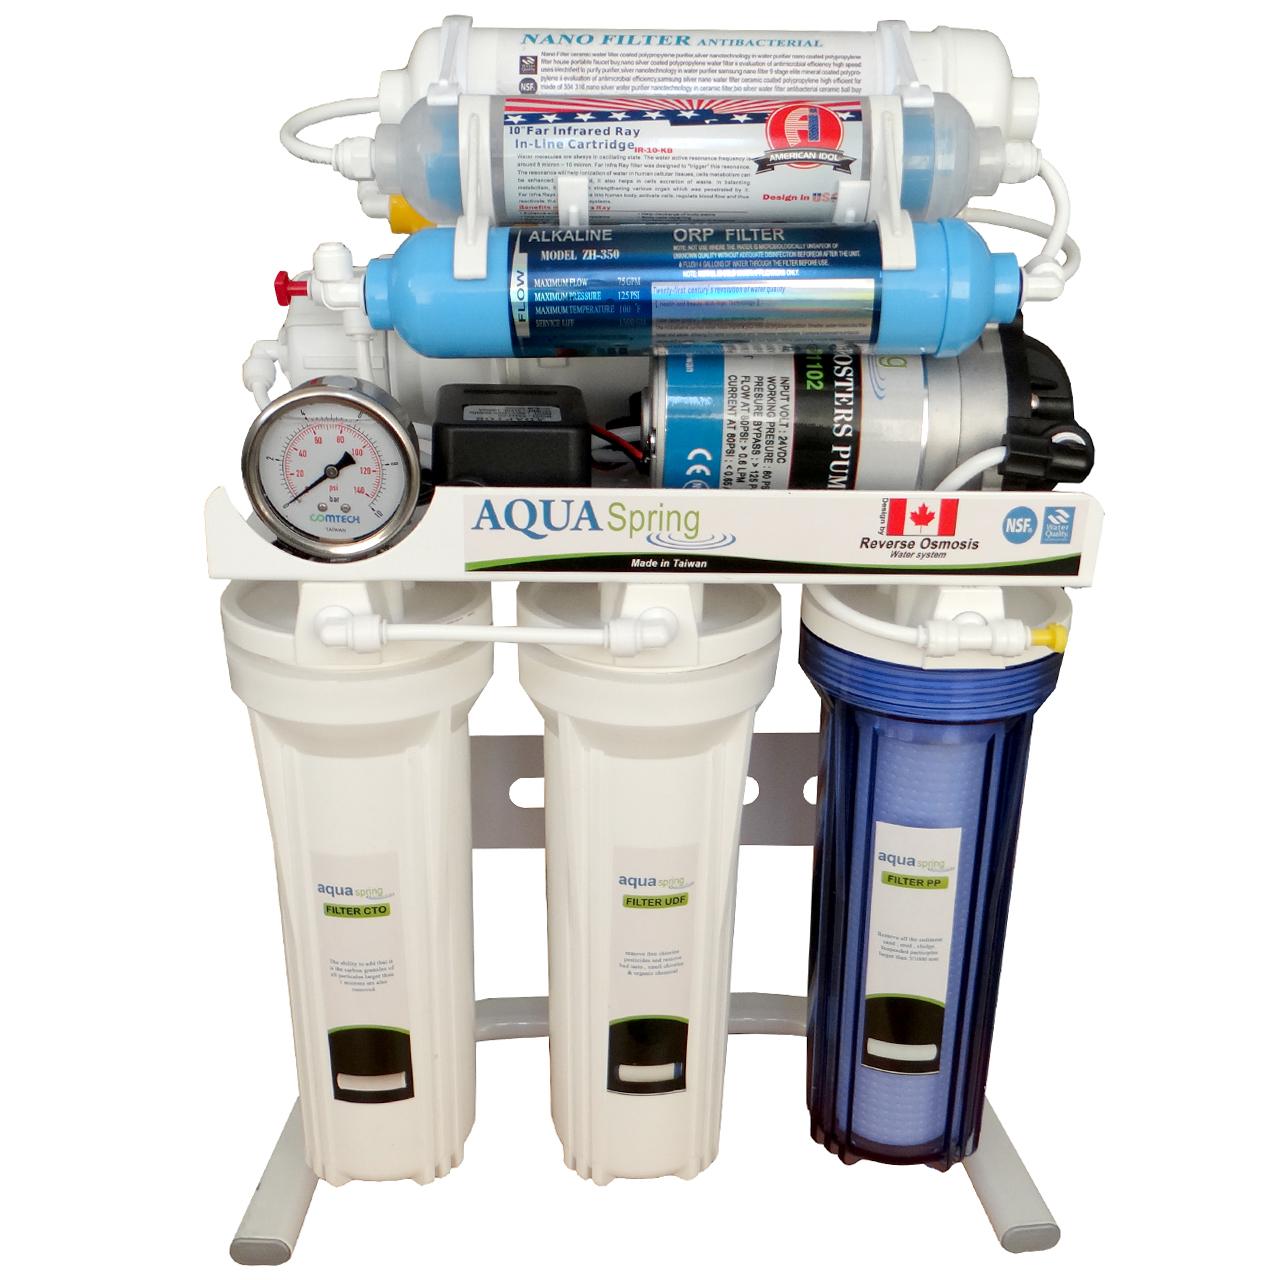 دستگاه تصفیه کننده آب آکوآ اسپرینگ مدل RO-SN177